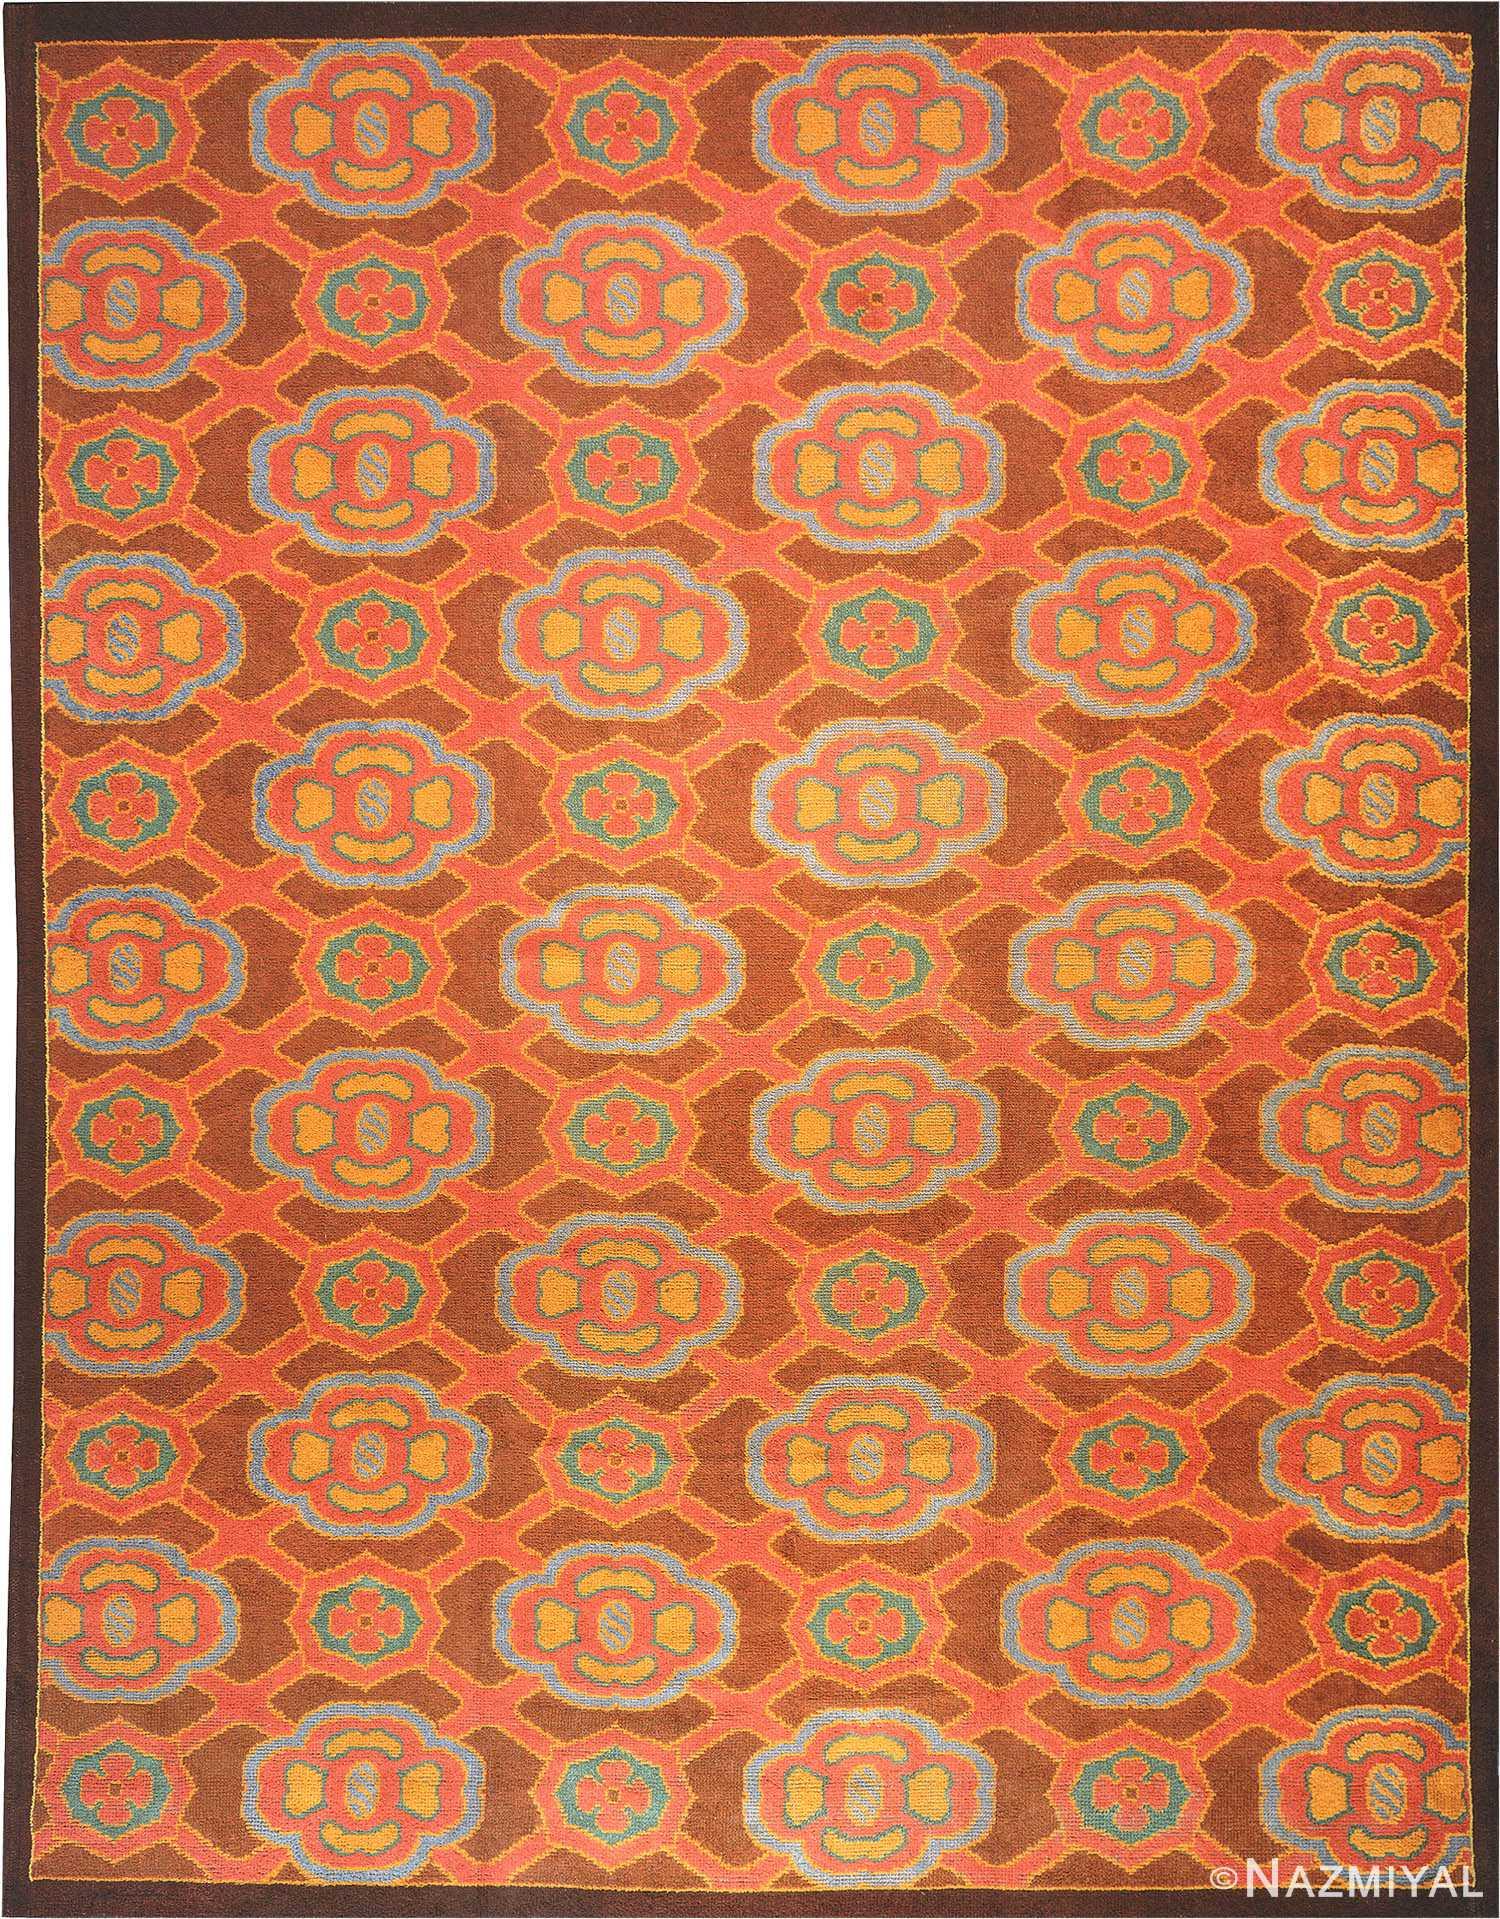 Vintage Deco French Rug 899 Nazmiyal